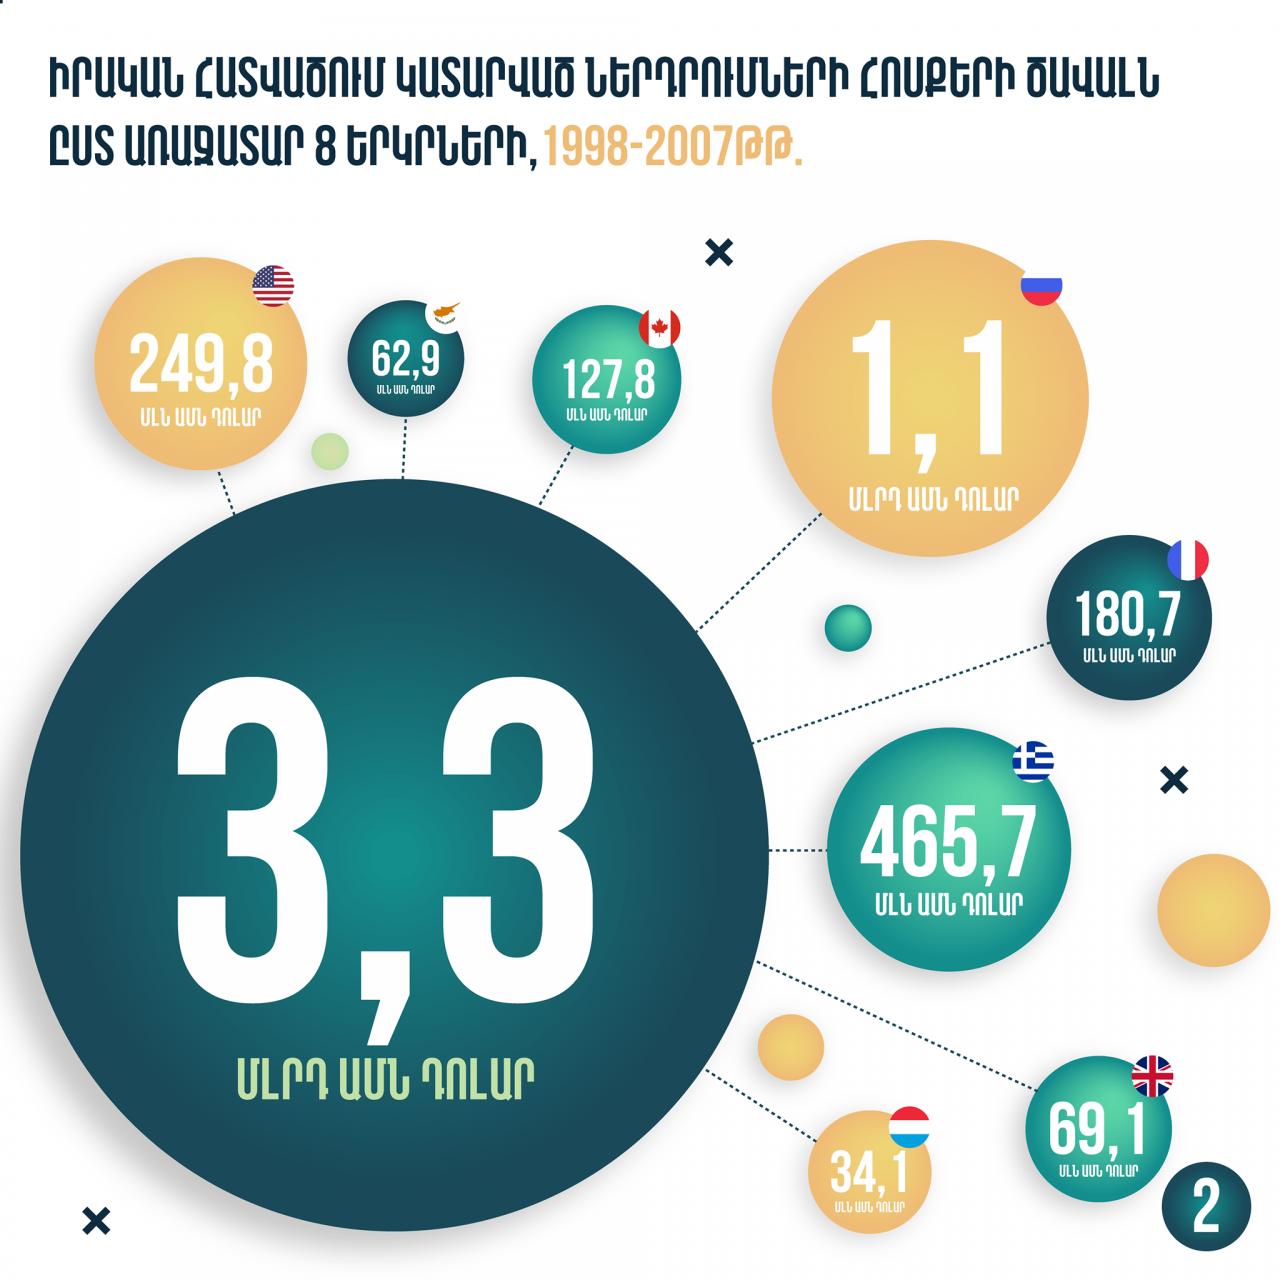 Ռոբերտ Քոչարյանի կառավարման տարիներին ՀՀ-ում կատարված ներդրումների հոսքերի ծավալը կազմել է 3,3 միլիարդ դոլար